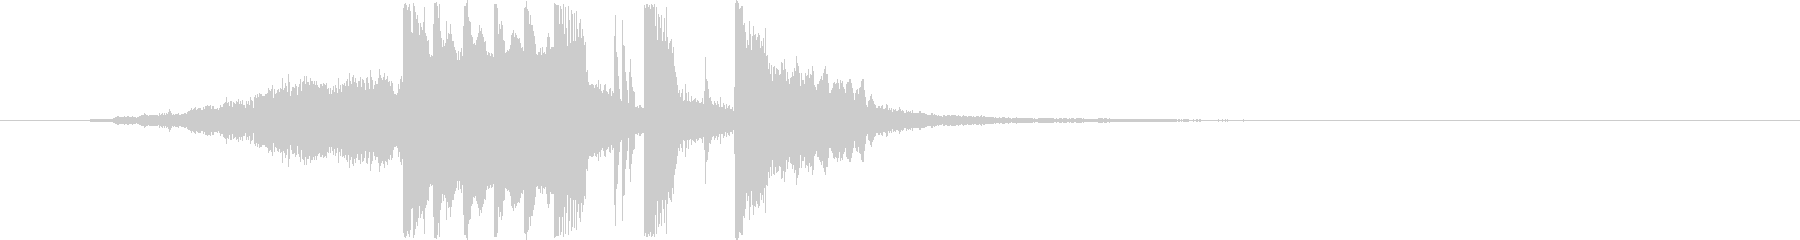 軽快なシンセのジングルの未再生の波形